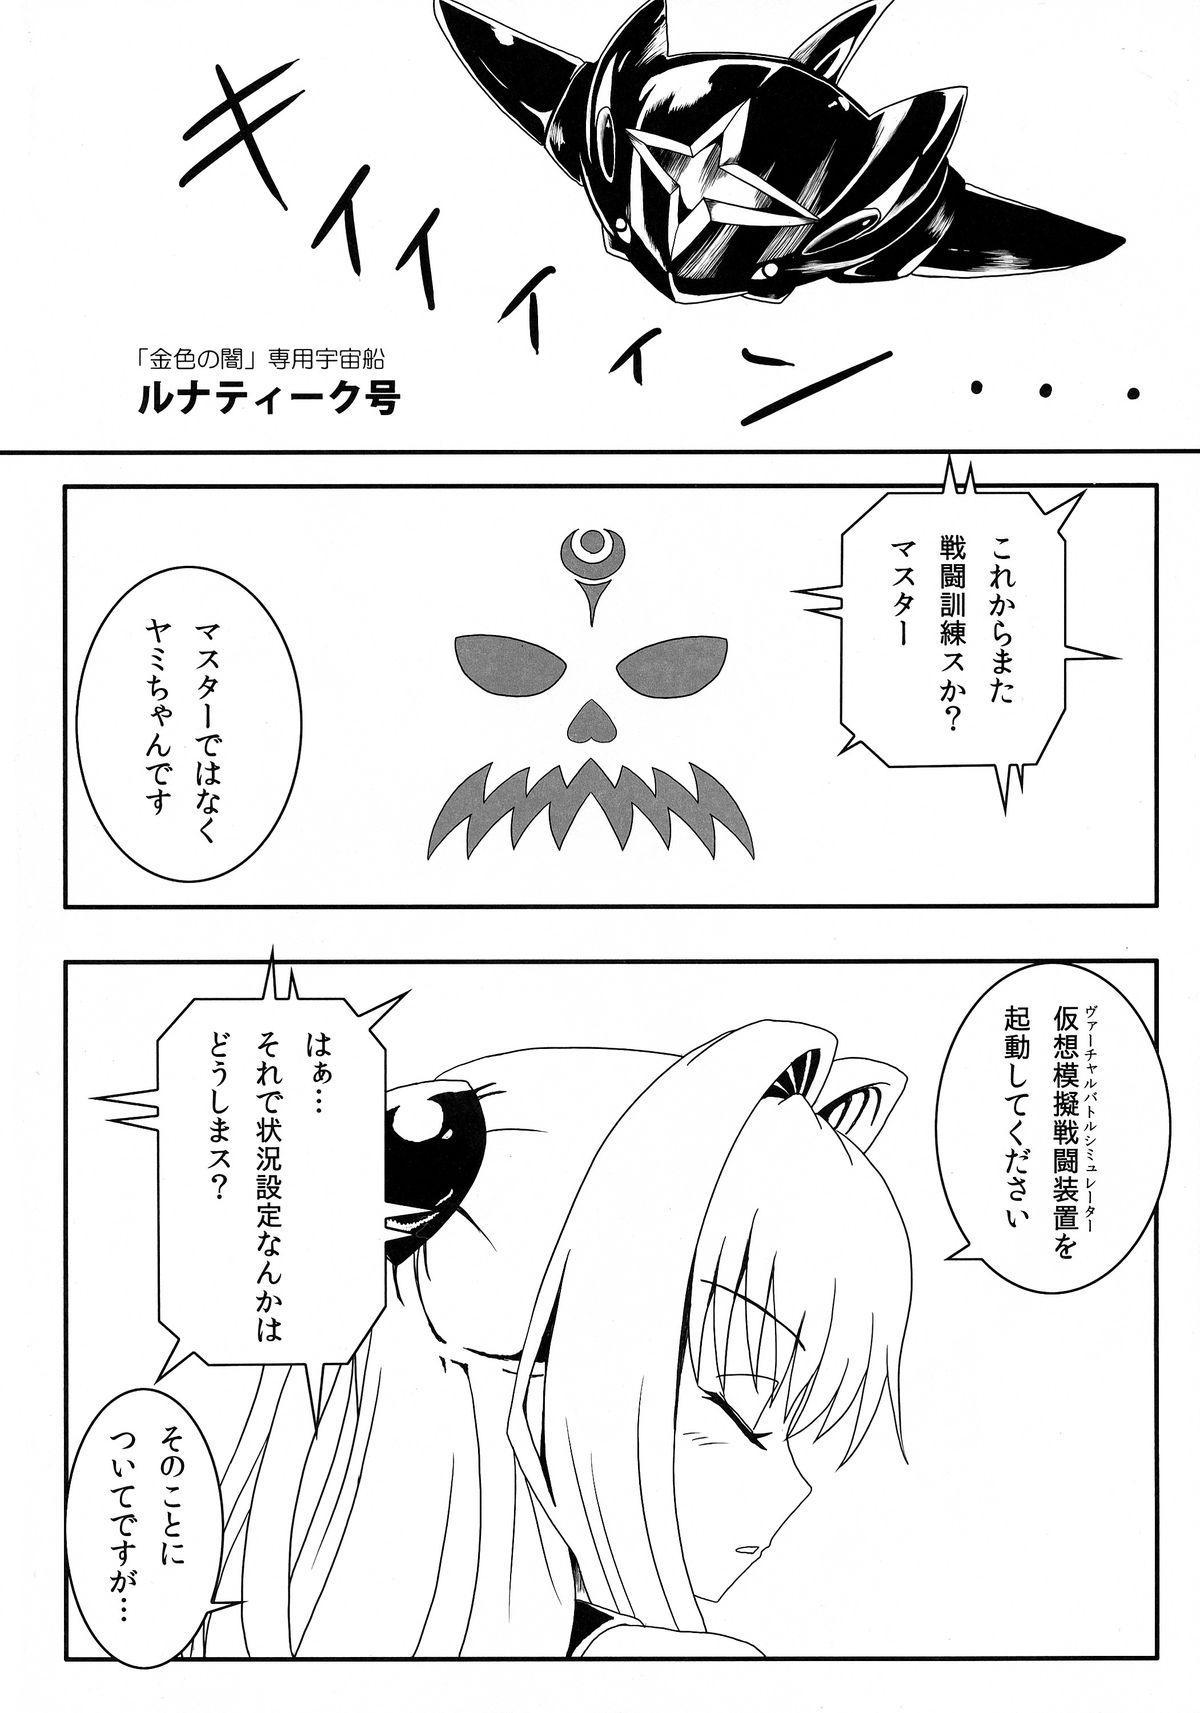 Yami-chan no Ansatsu Kyoushitsu 4